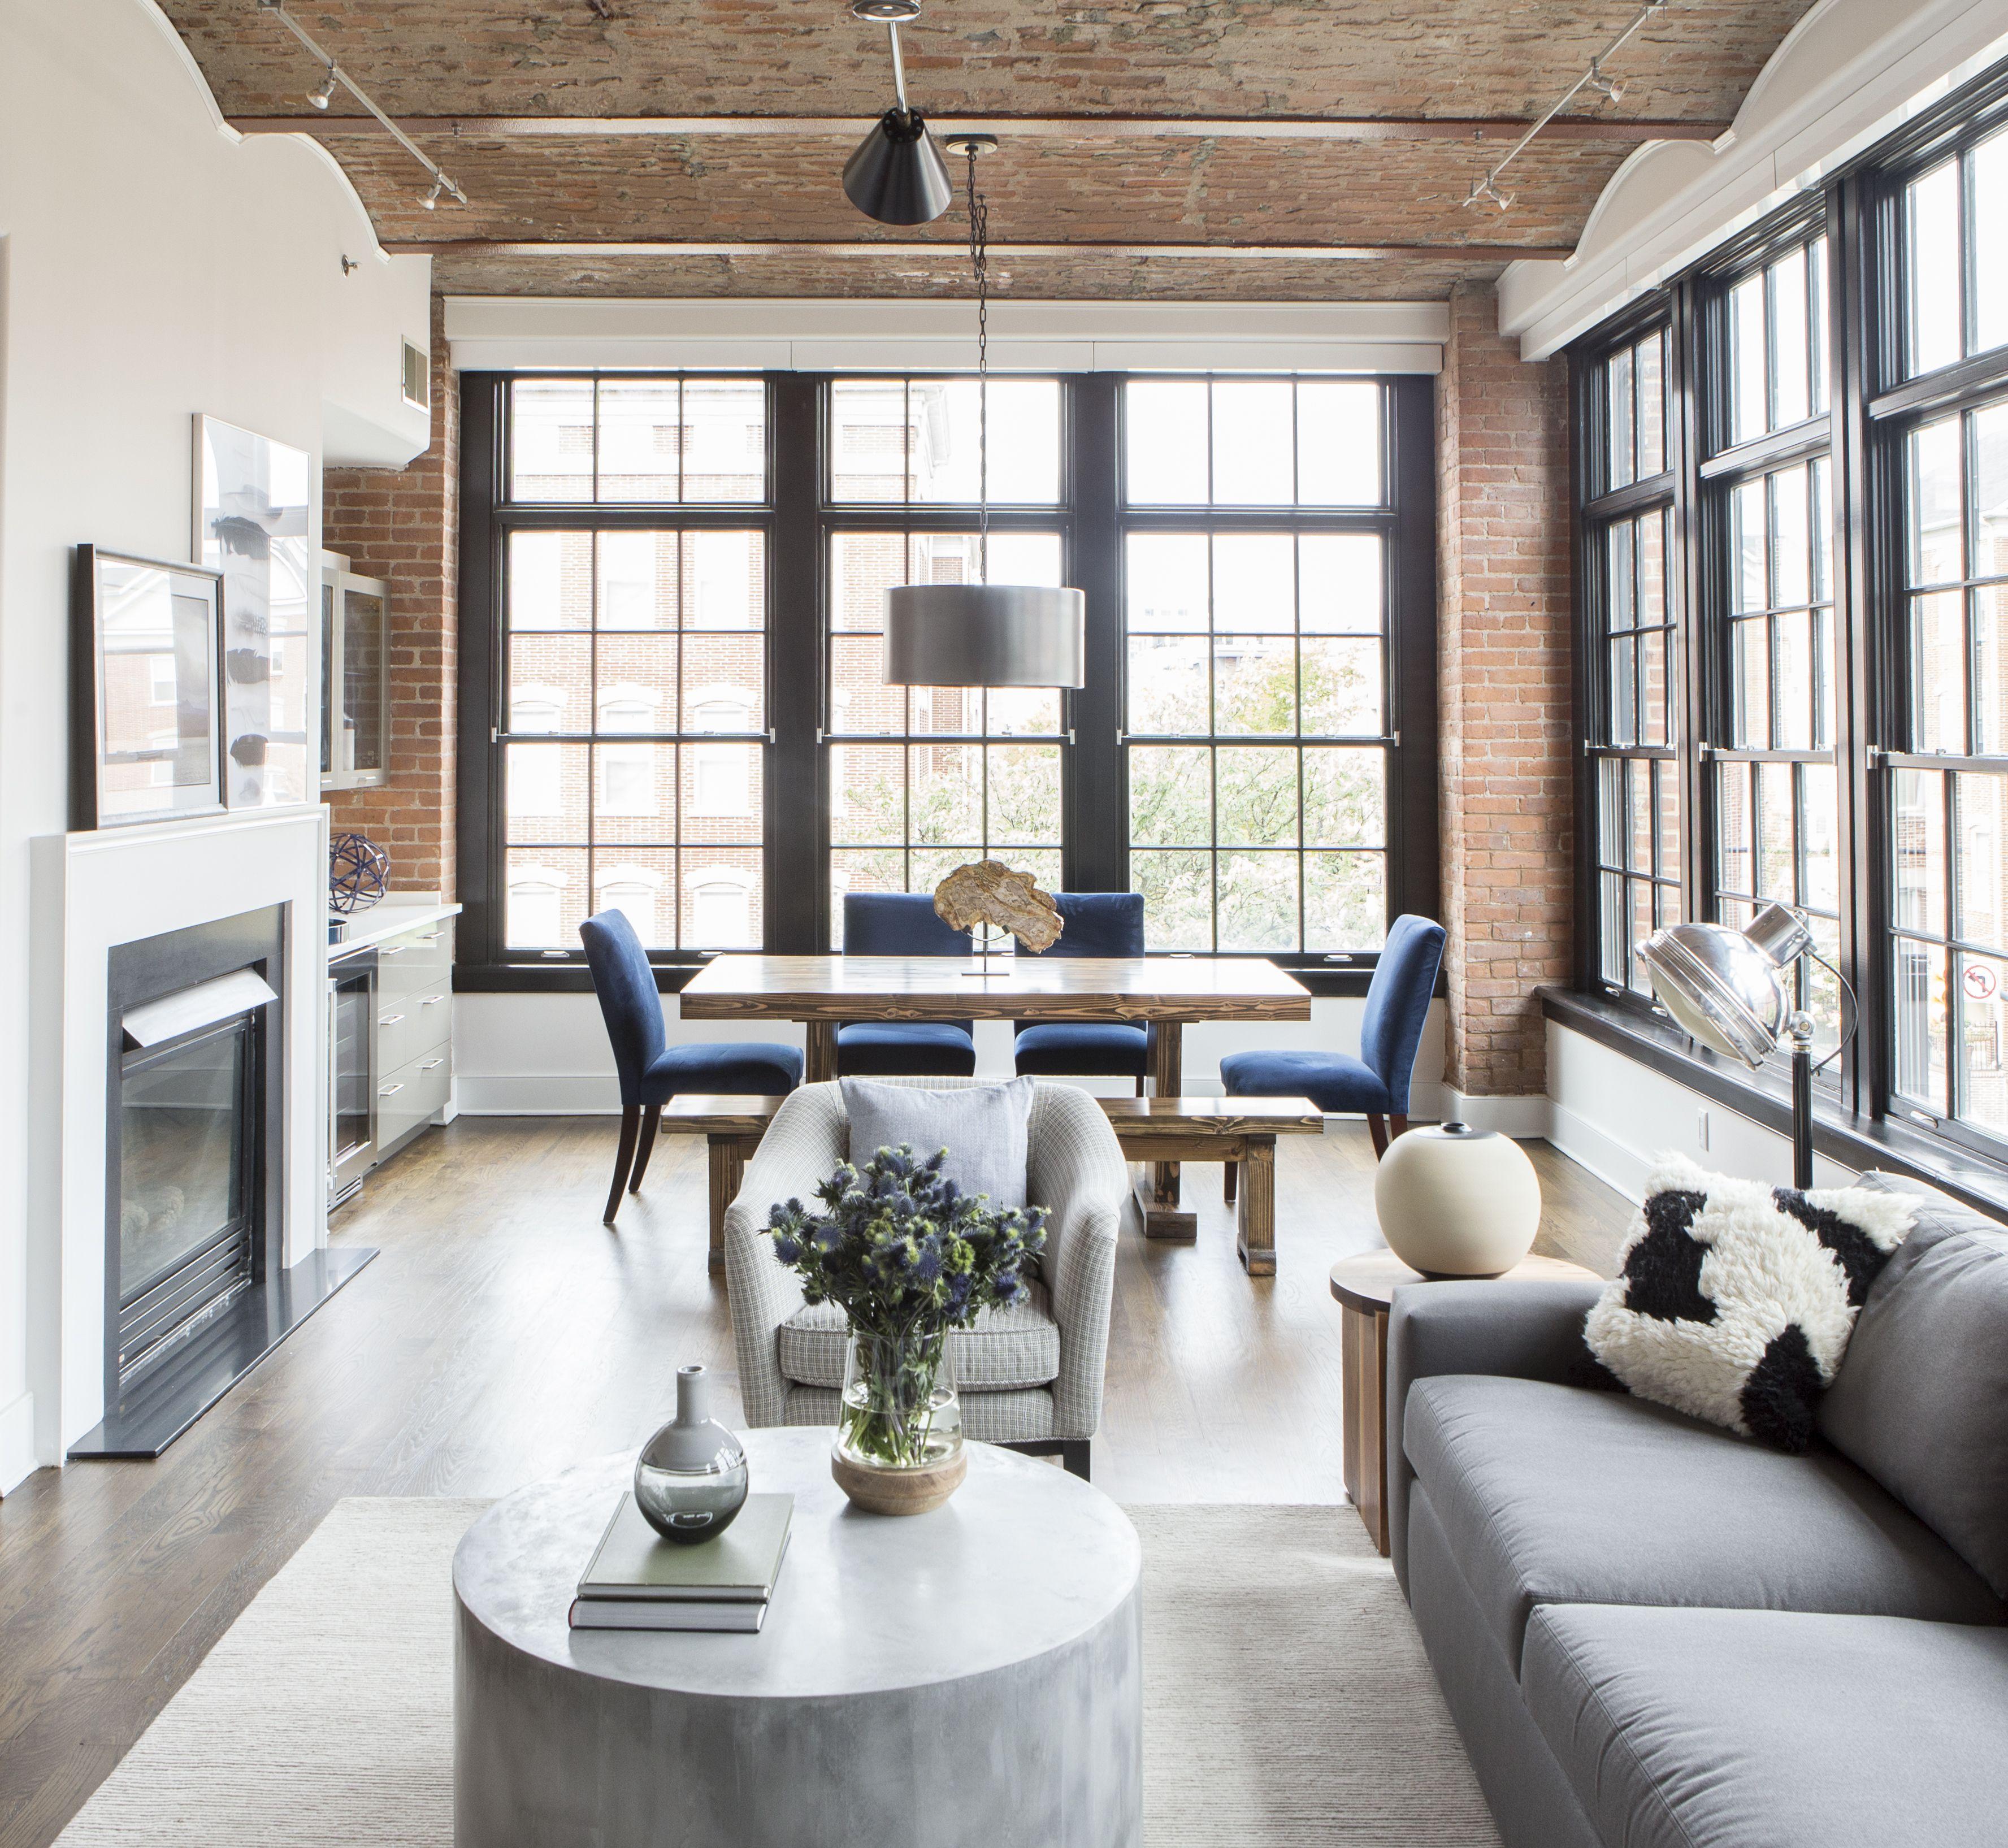 Industrial modern loft with brick arch ceiling black window trim